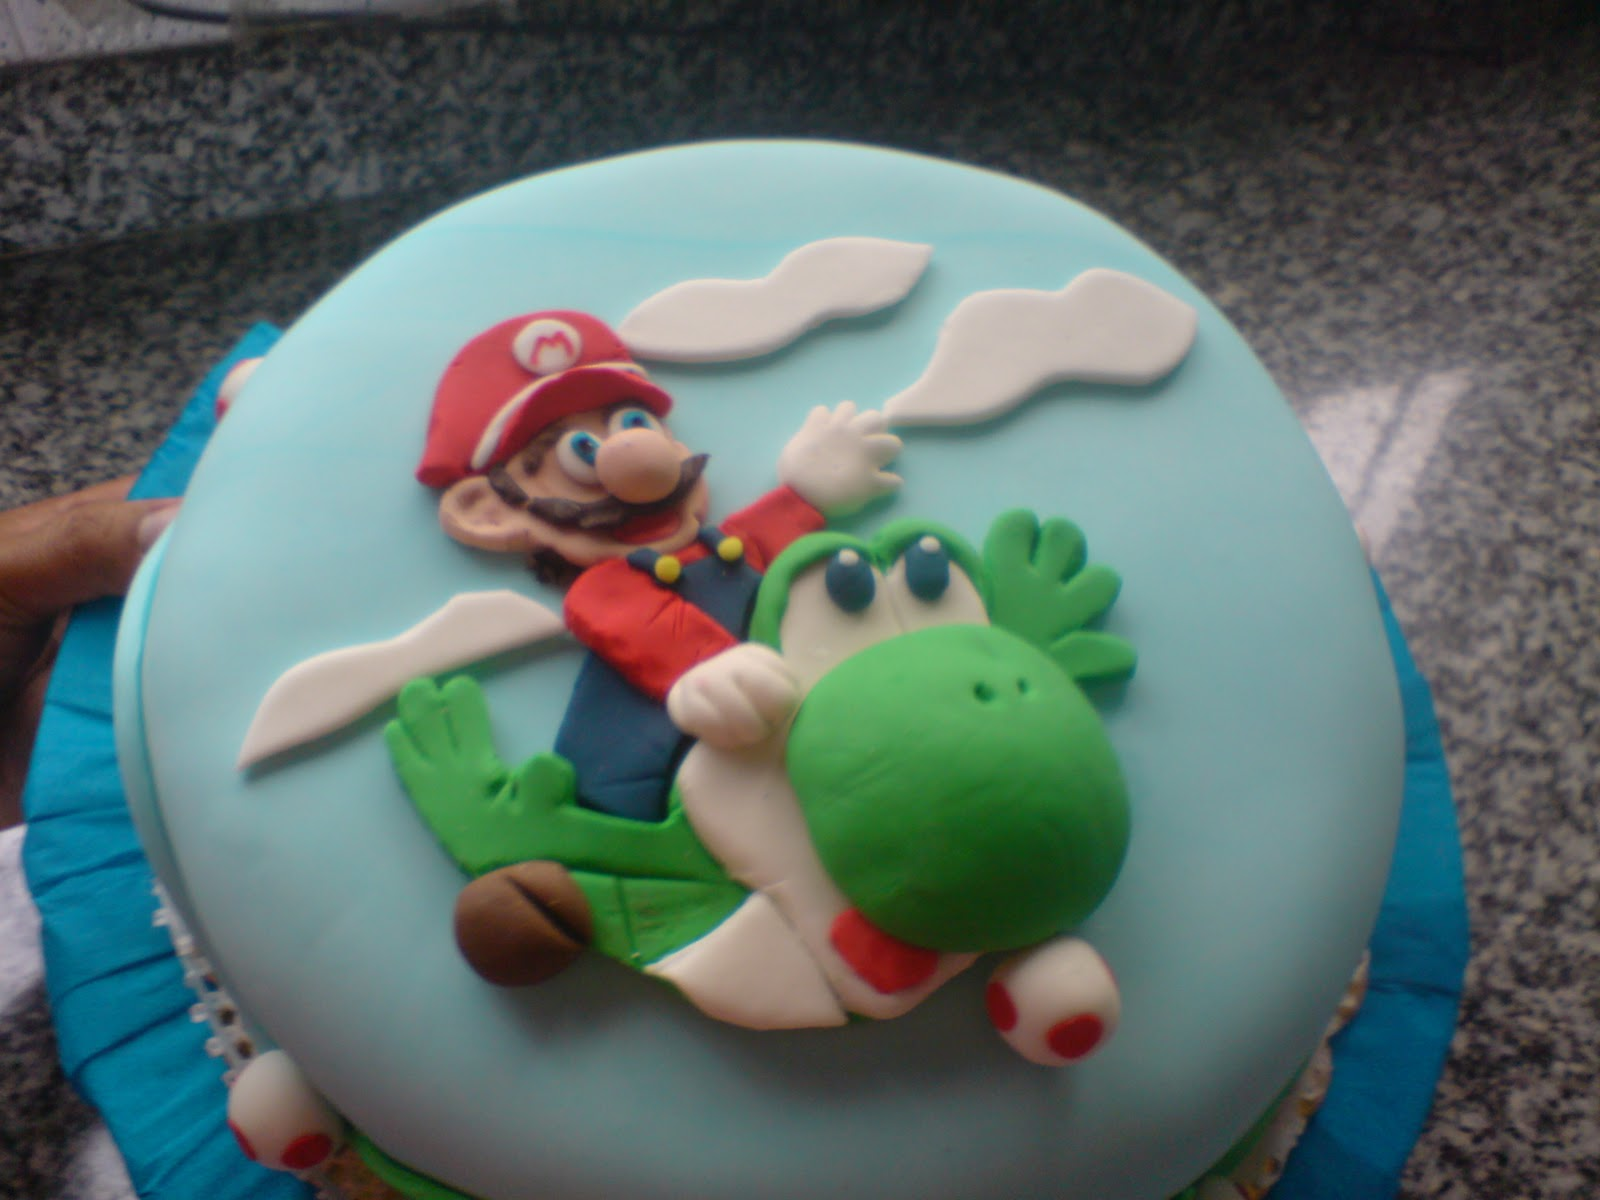 Fotos de tortas infantiles decoradas con caballos for Tortas decoradas infantiles